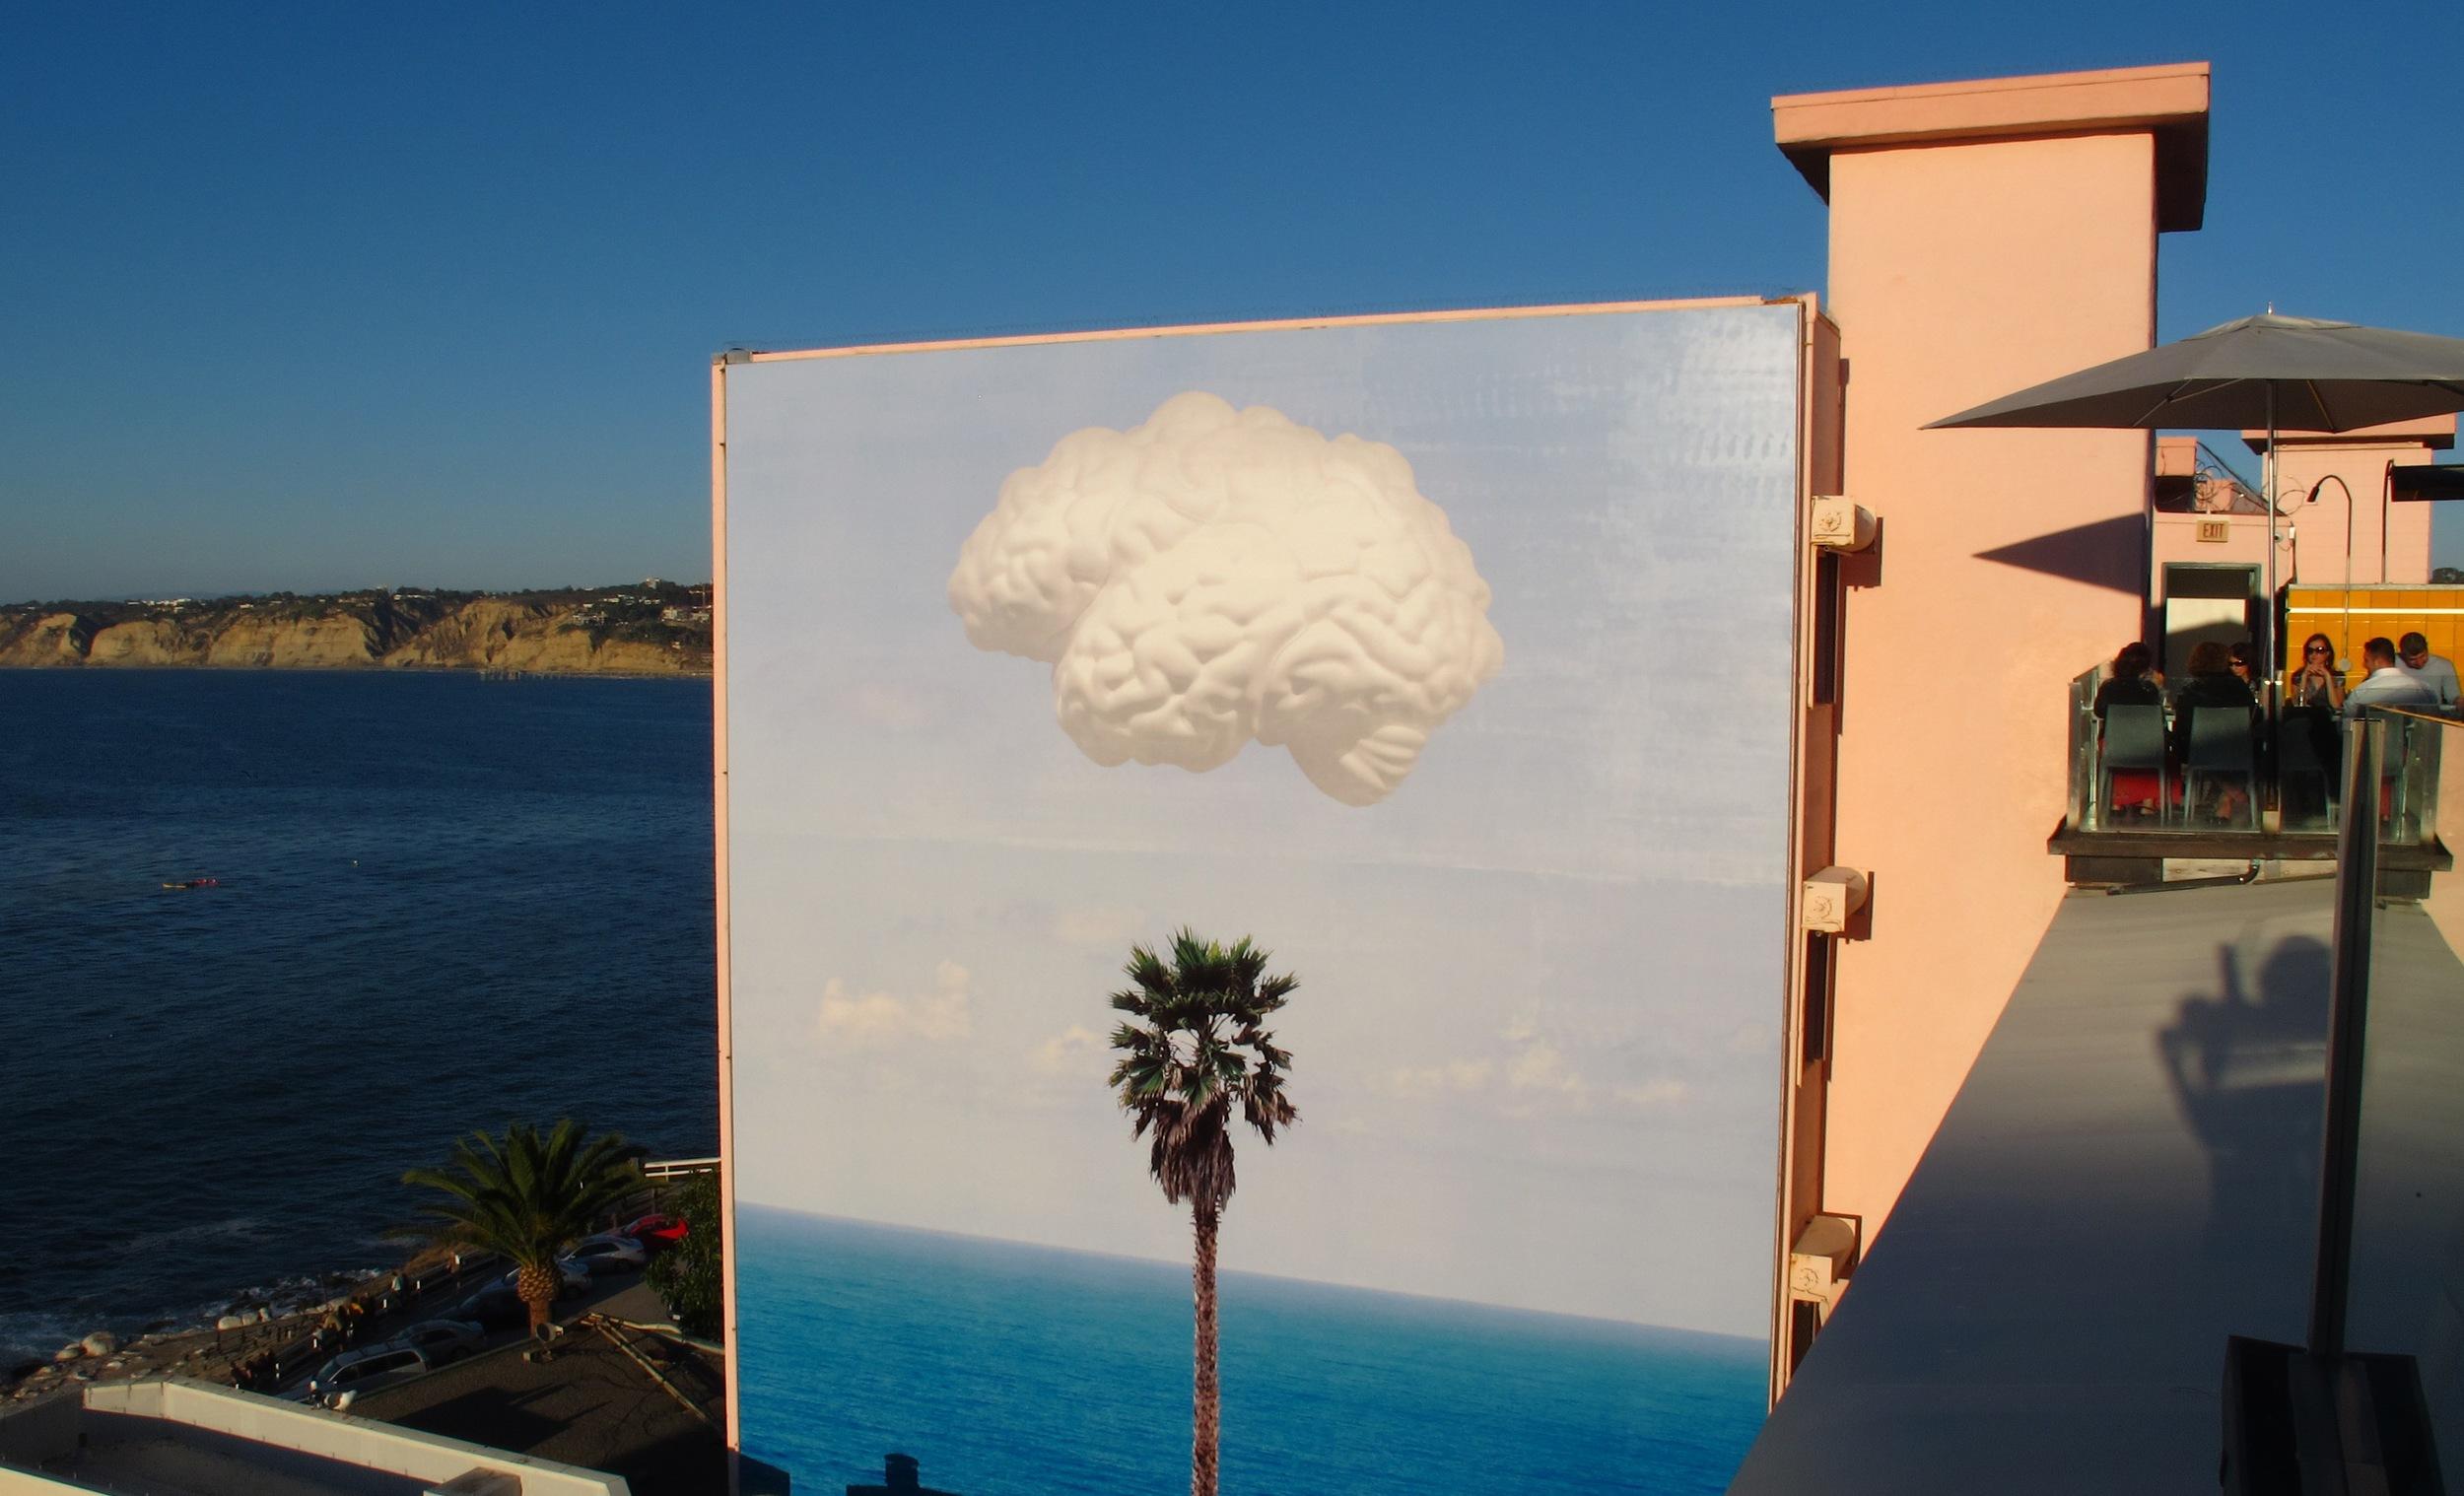 John Baldessari Brain Cloud mural in La Jolla, CA